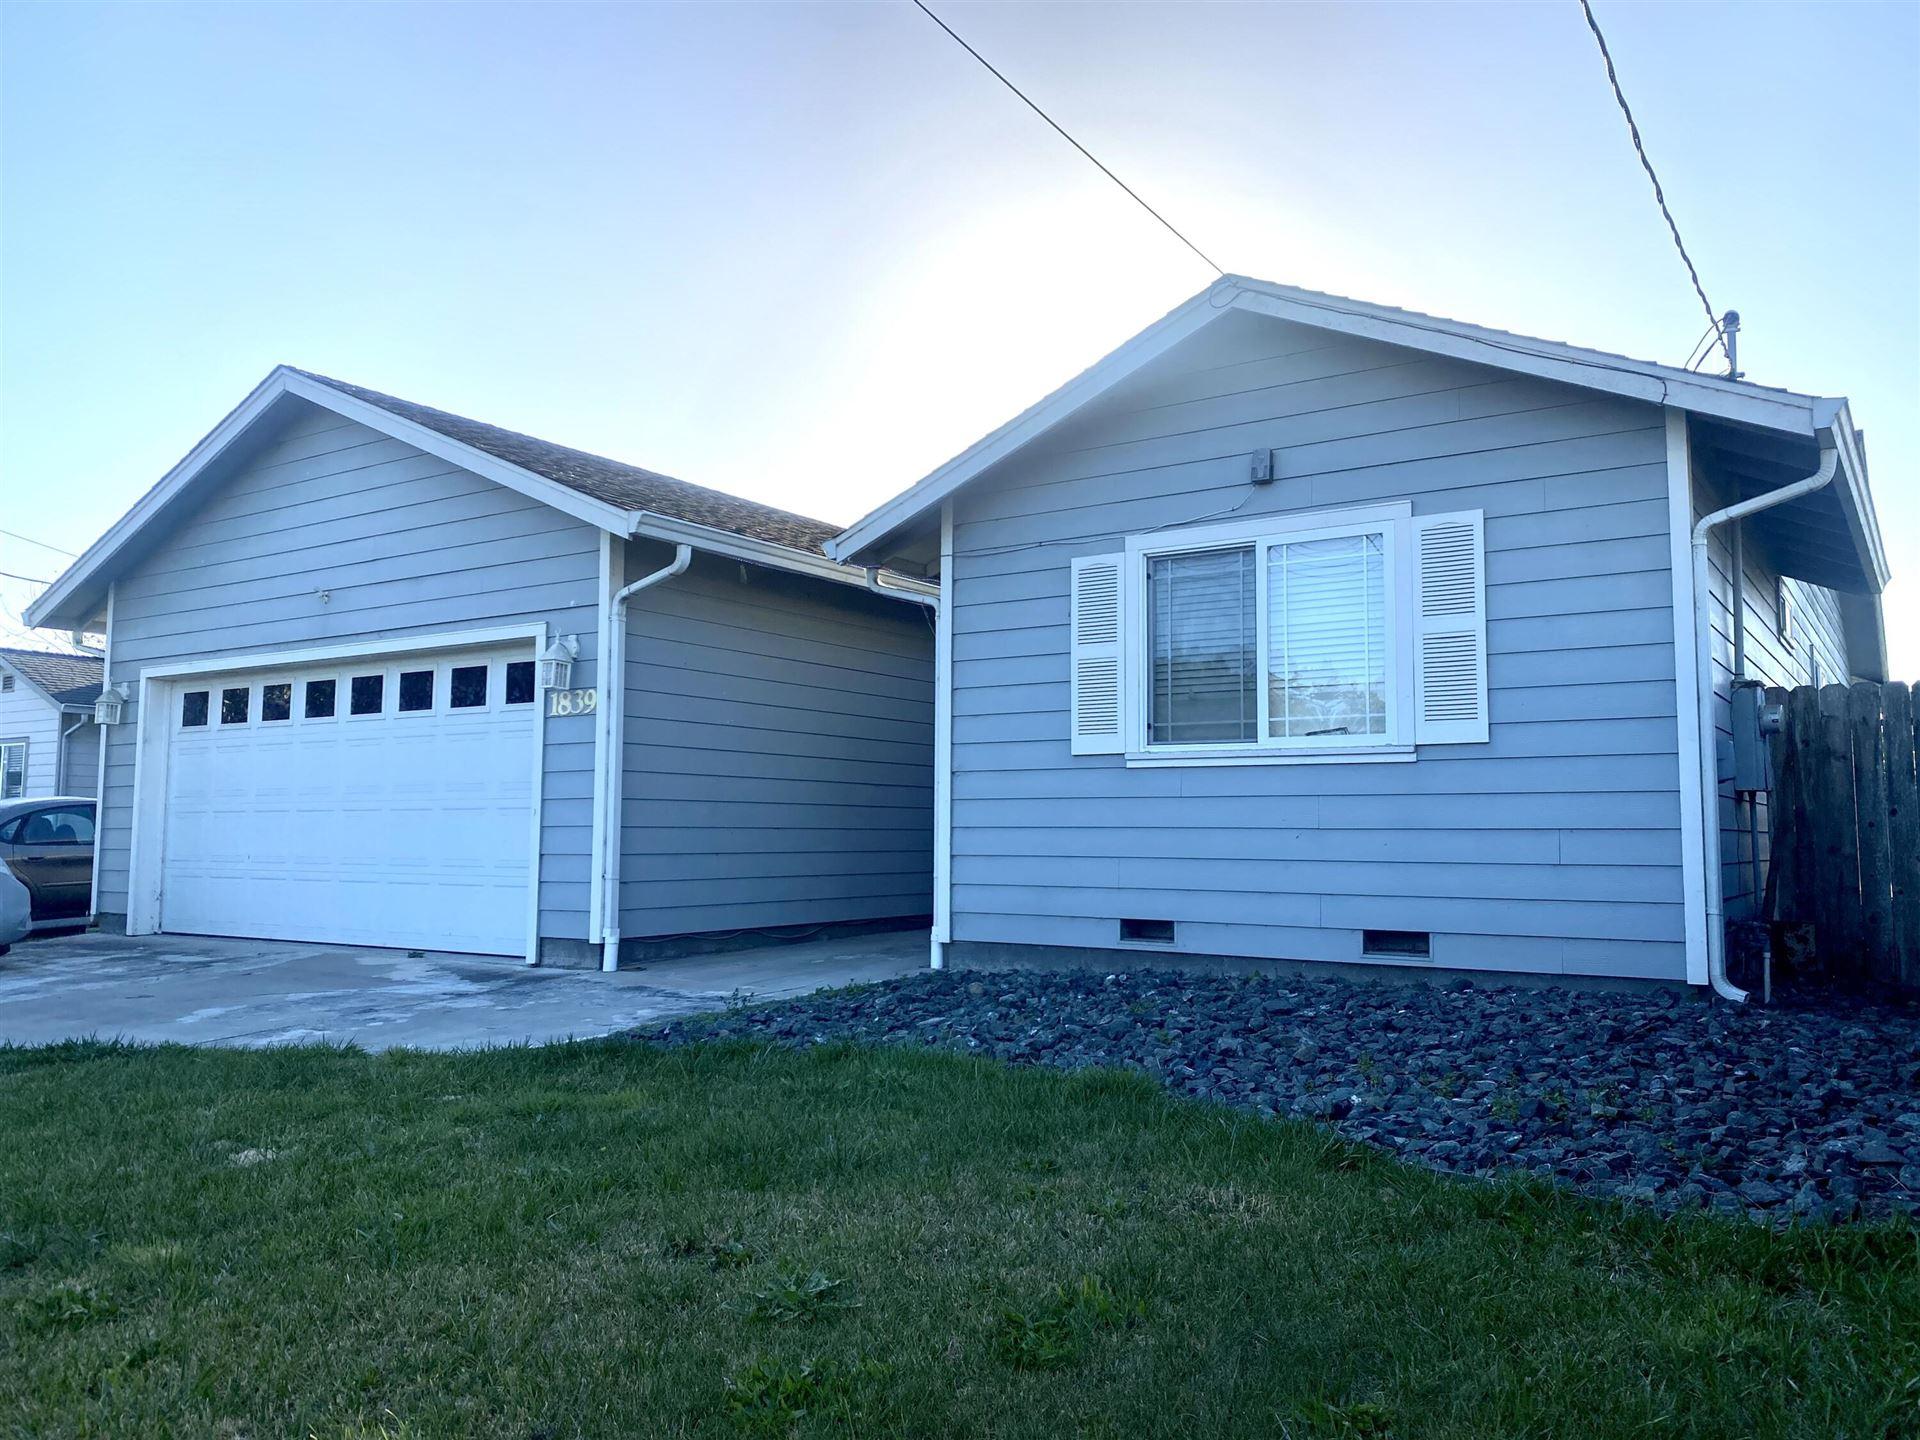 1839 Peninsula Drive, Arcata, CA 95521 - MLS#: 260345